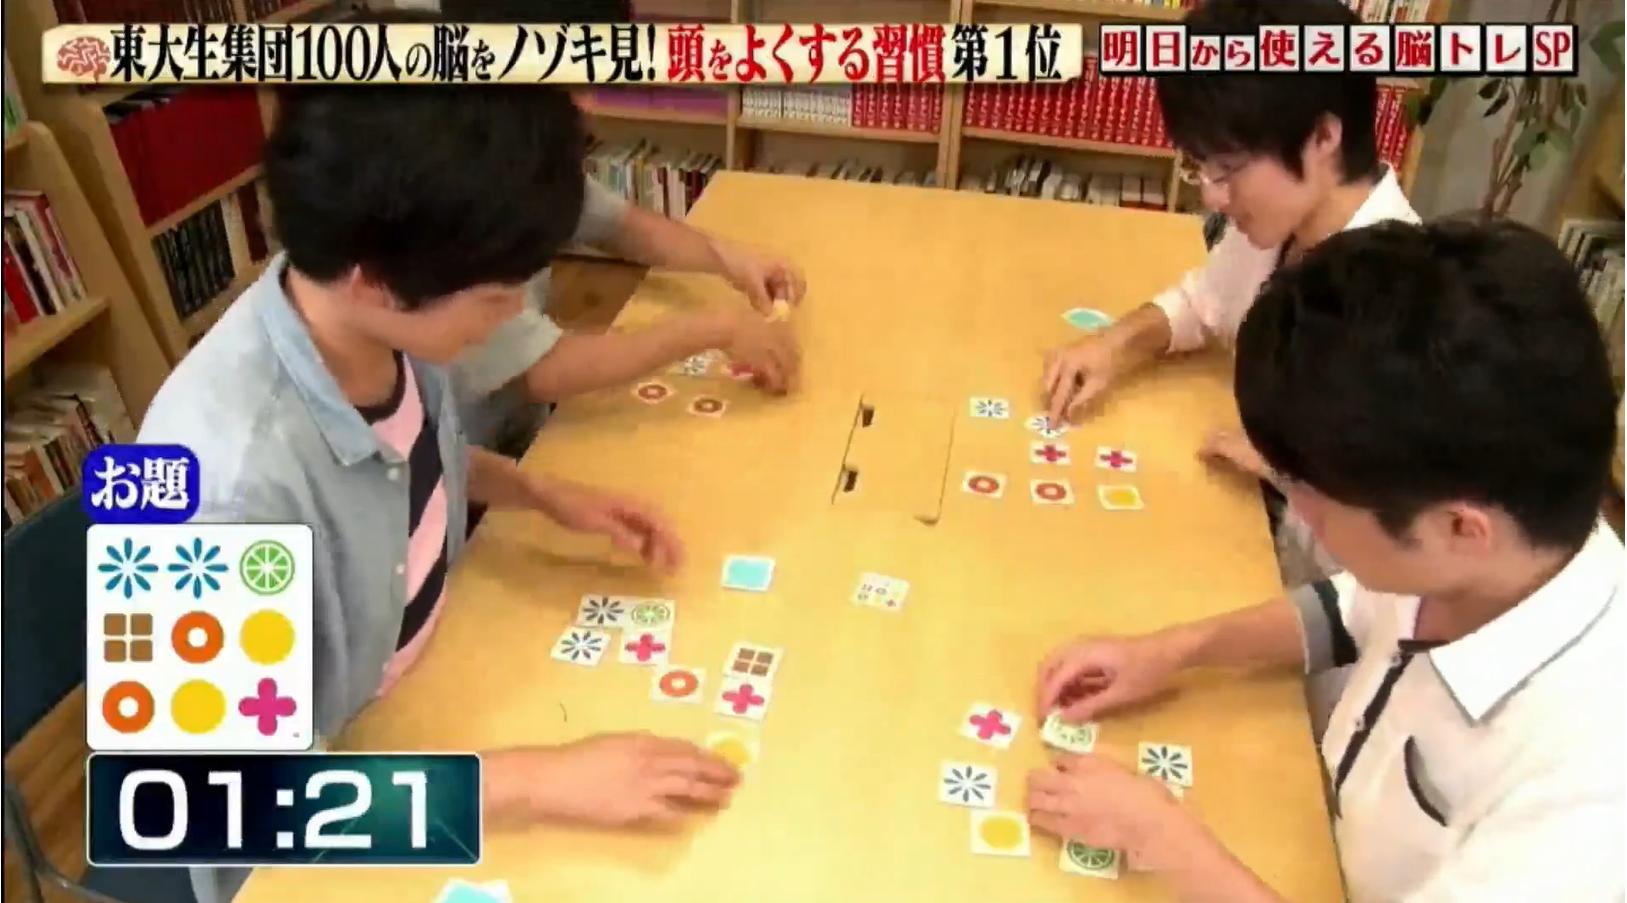 「今夜はナゾトレ」で紹介されたボードゲーム『ナインタイル』